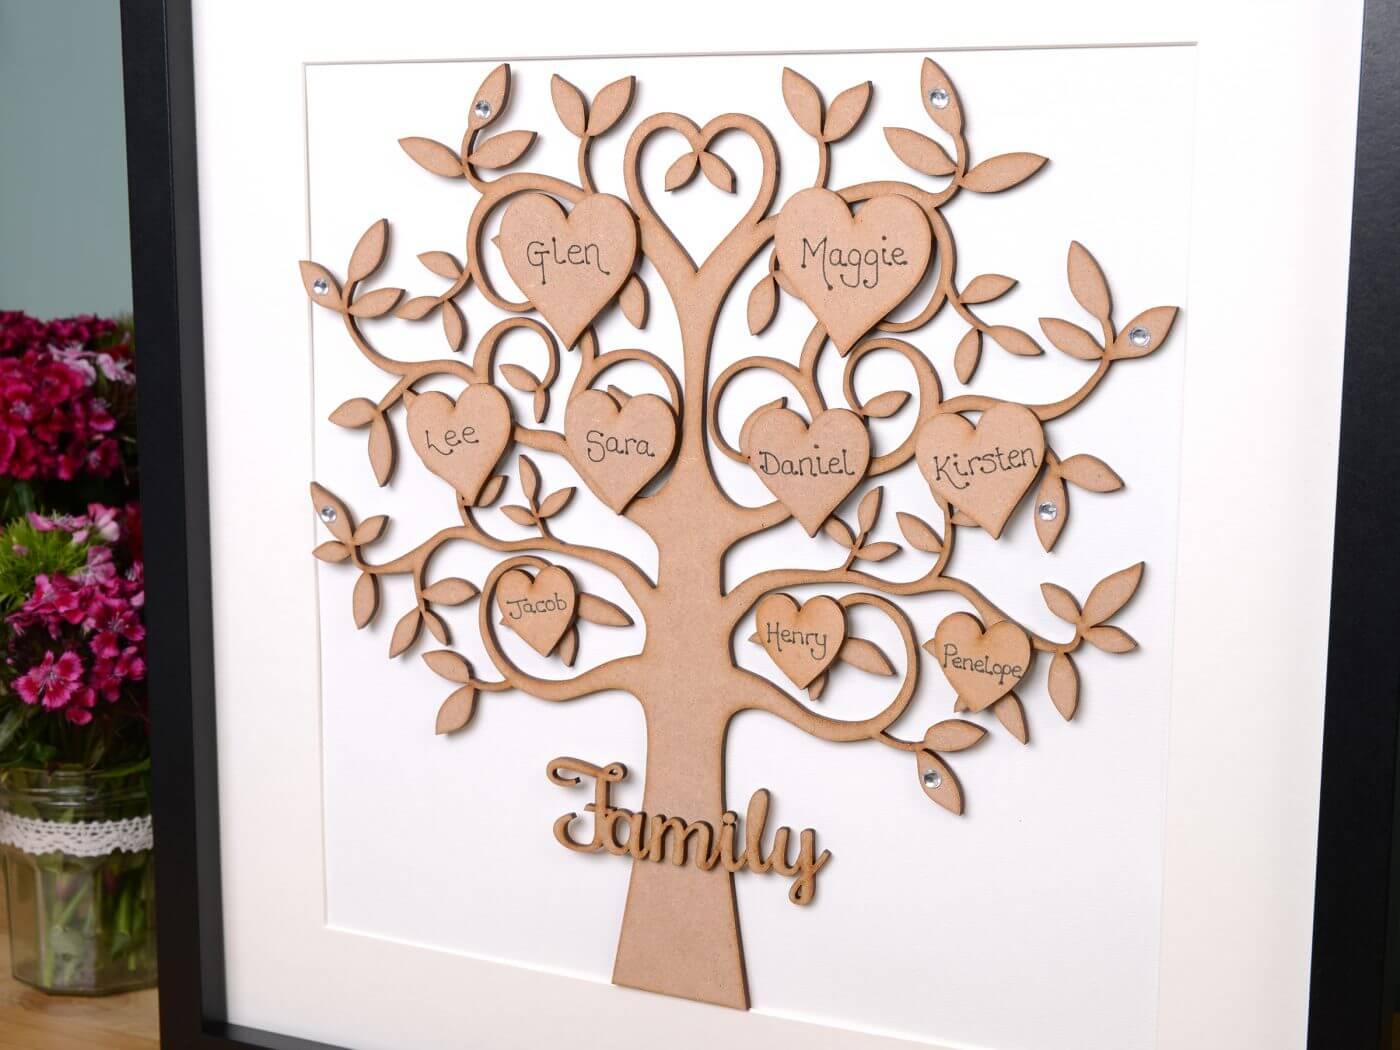 Fullsize Of Family Tree Picture Frame